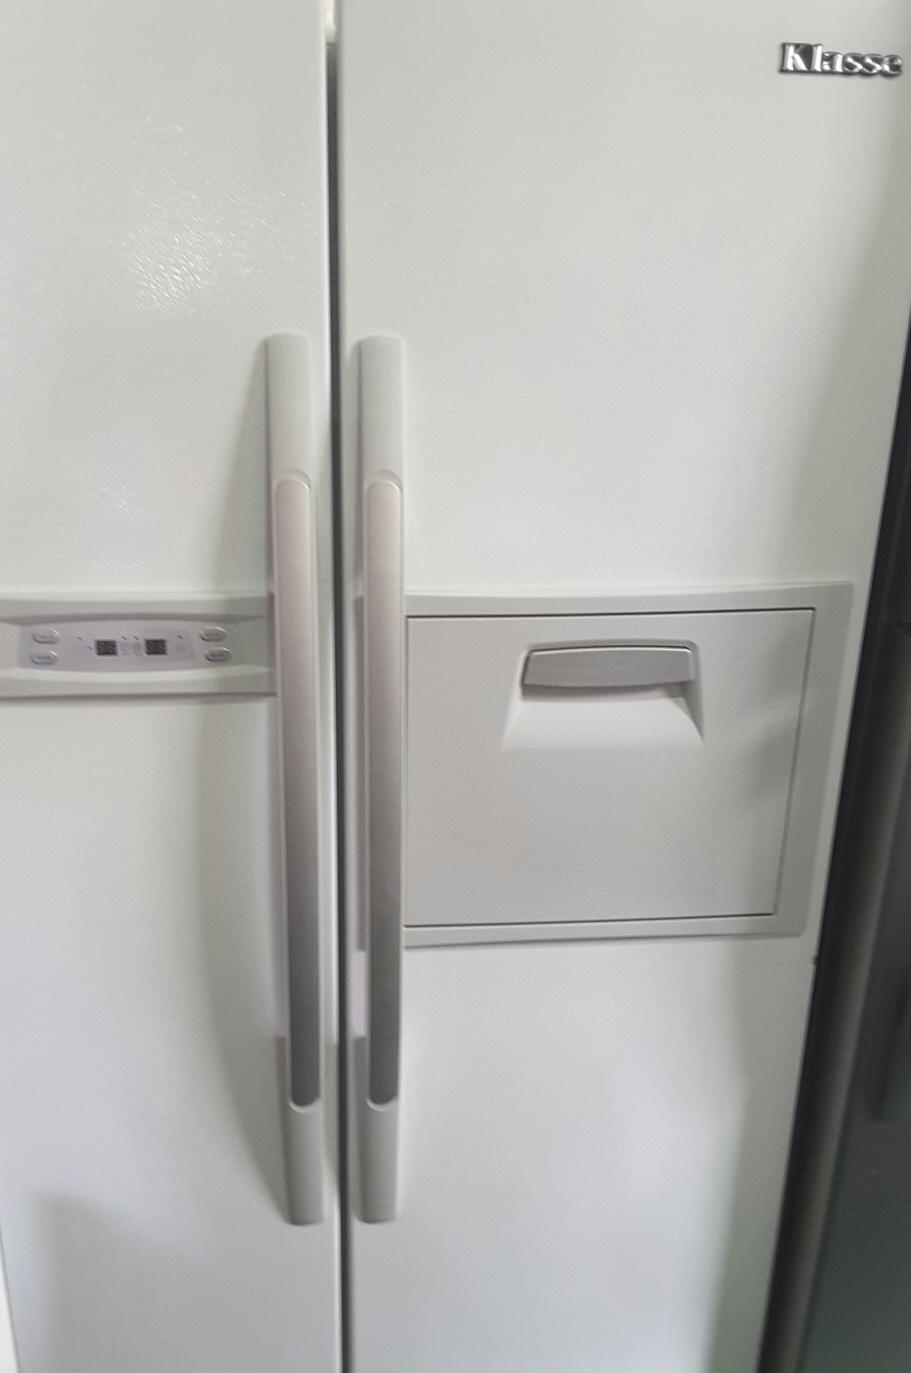 대우 클라셰 570리터 양문냉장고 25만원 배송지원 해드려요